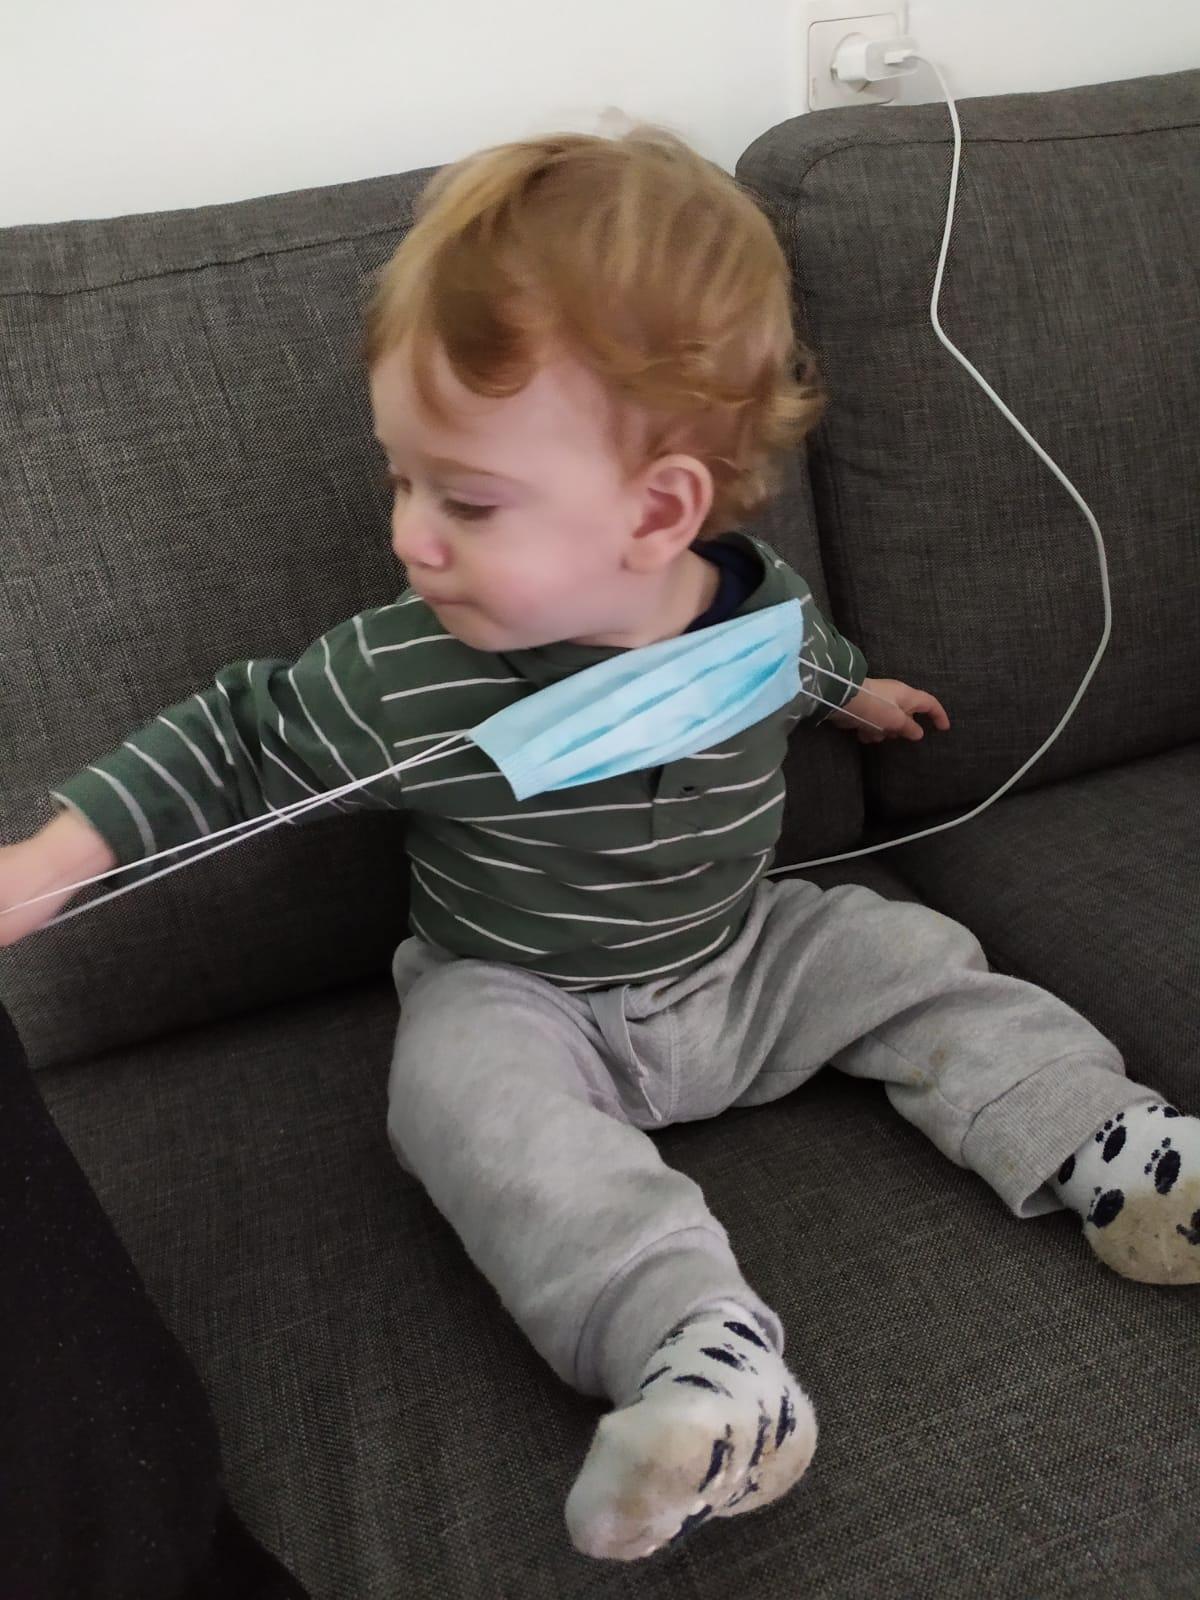 איך לטפל בתינוקות שמסרבים לעטות מסכה בטיסה